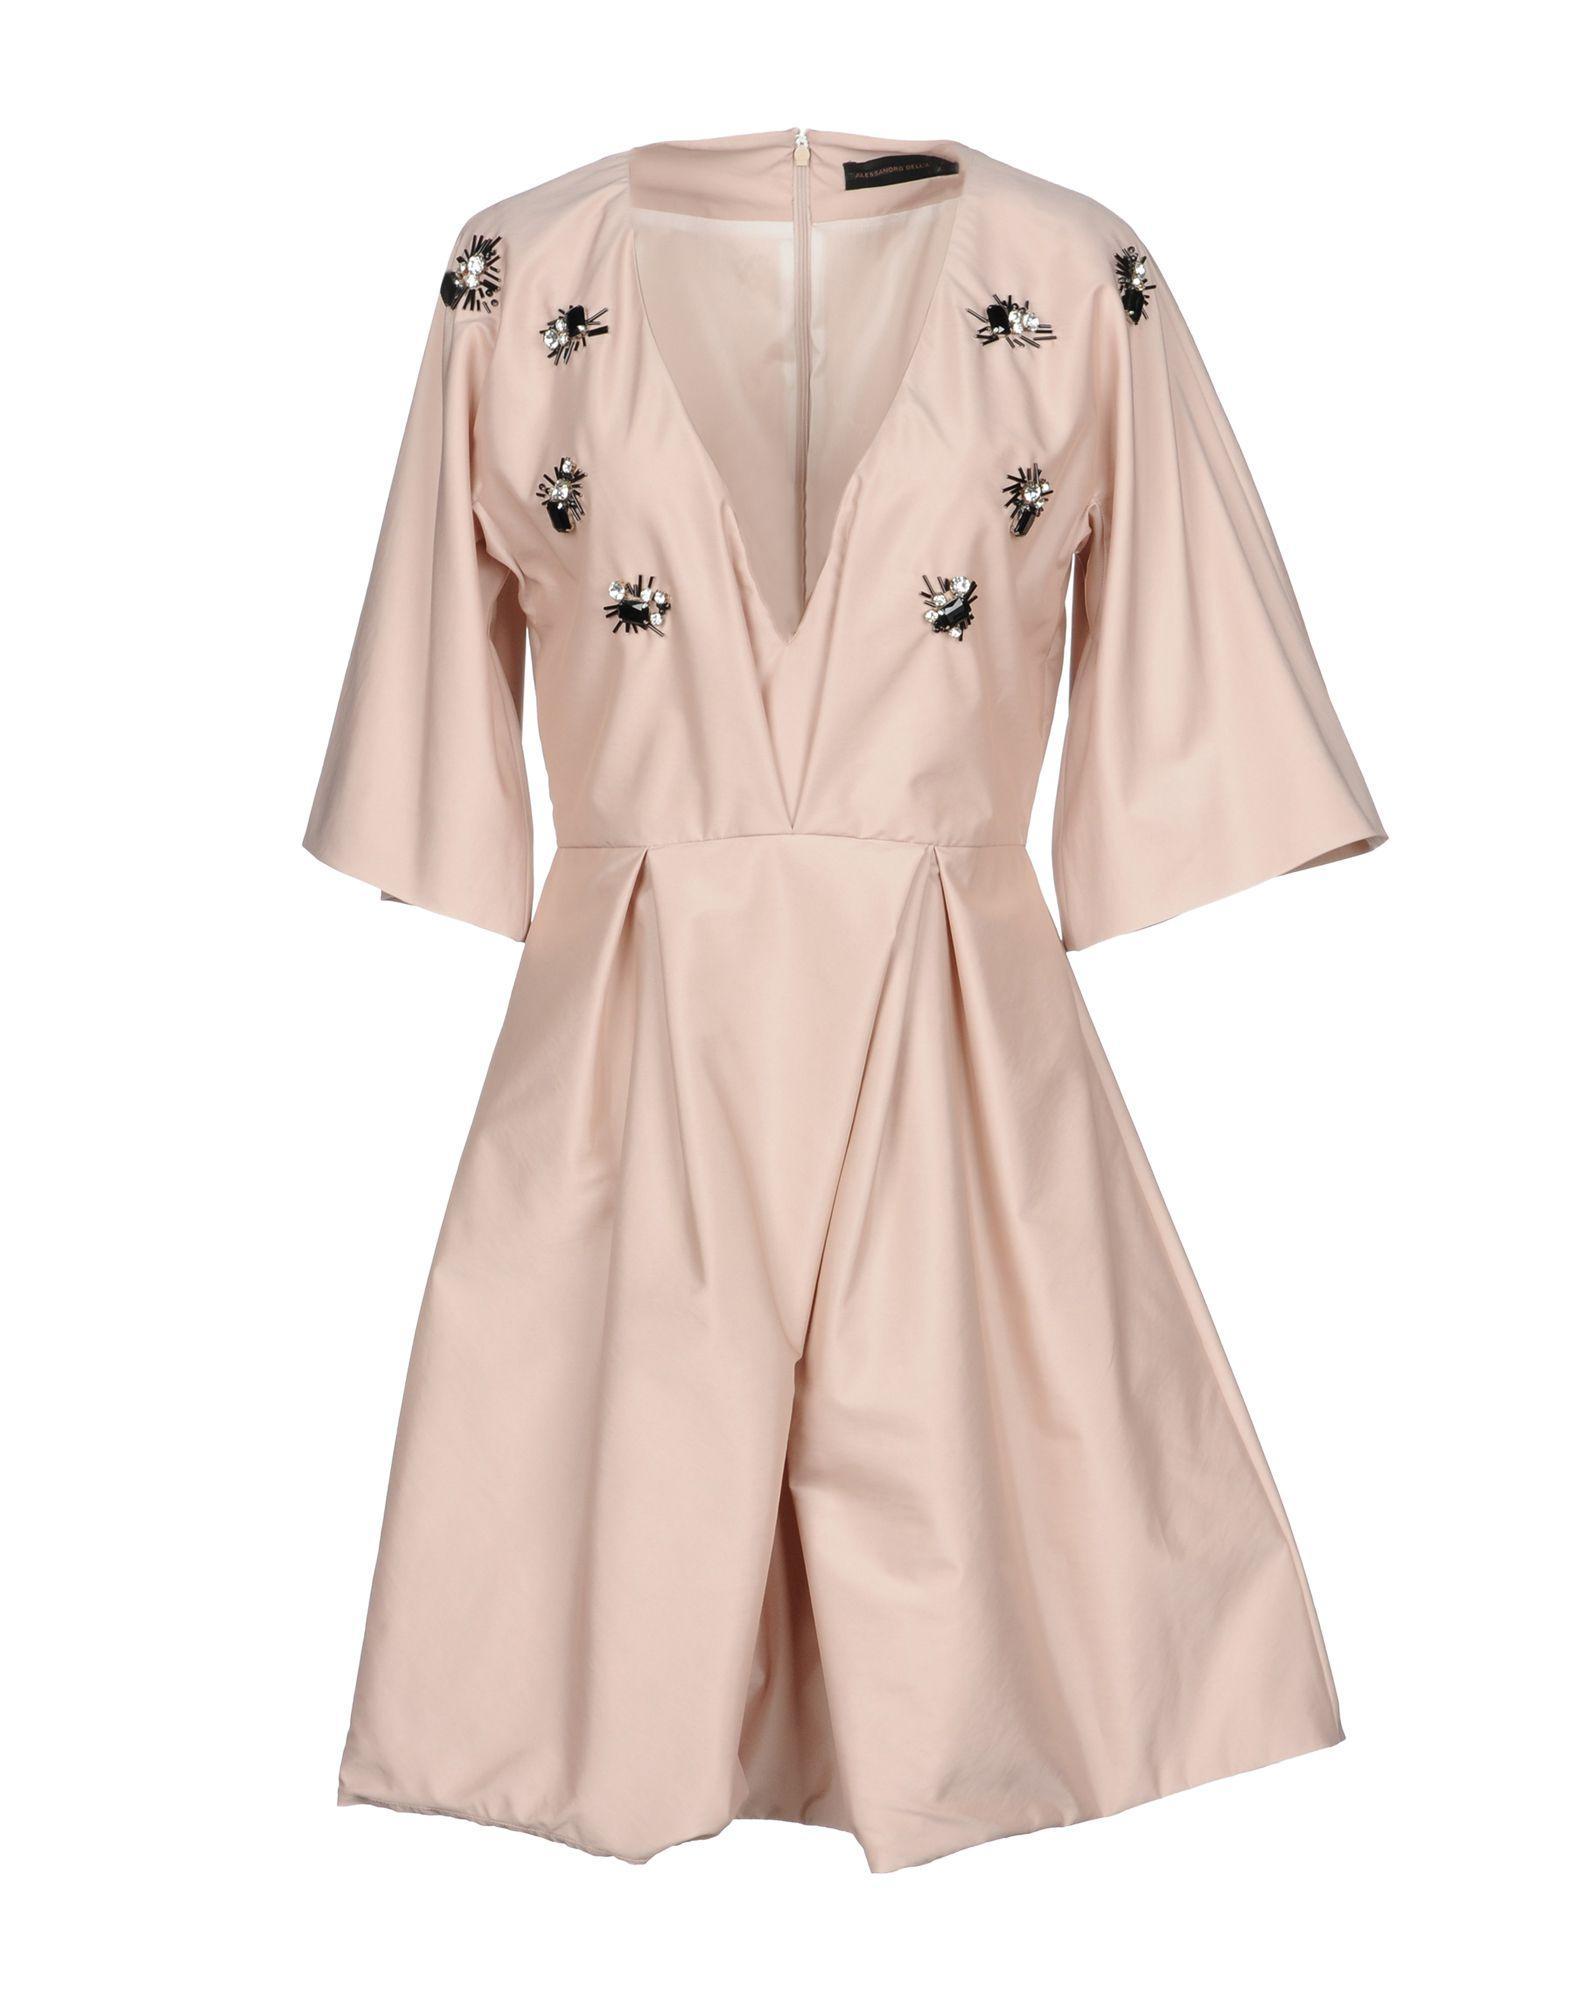 Alessandro Dell'acqua Short Dress In Light Pink